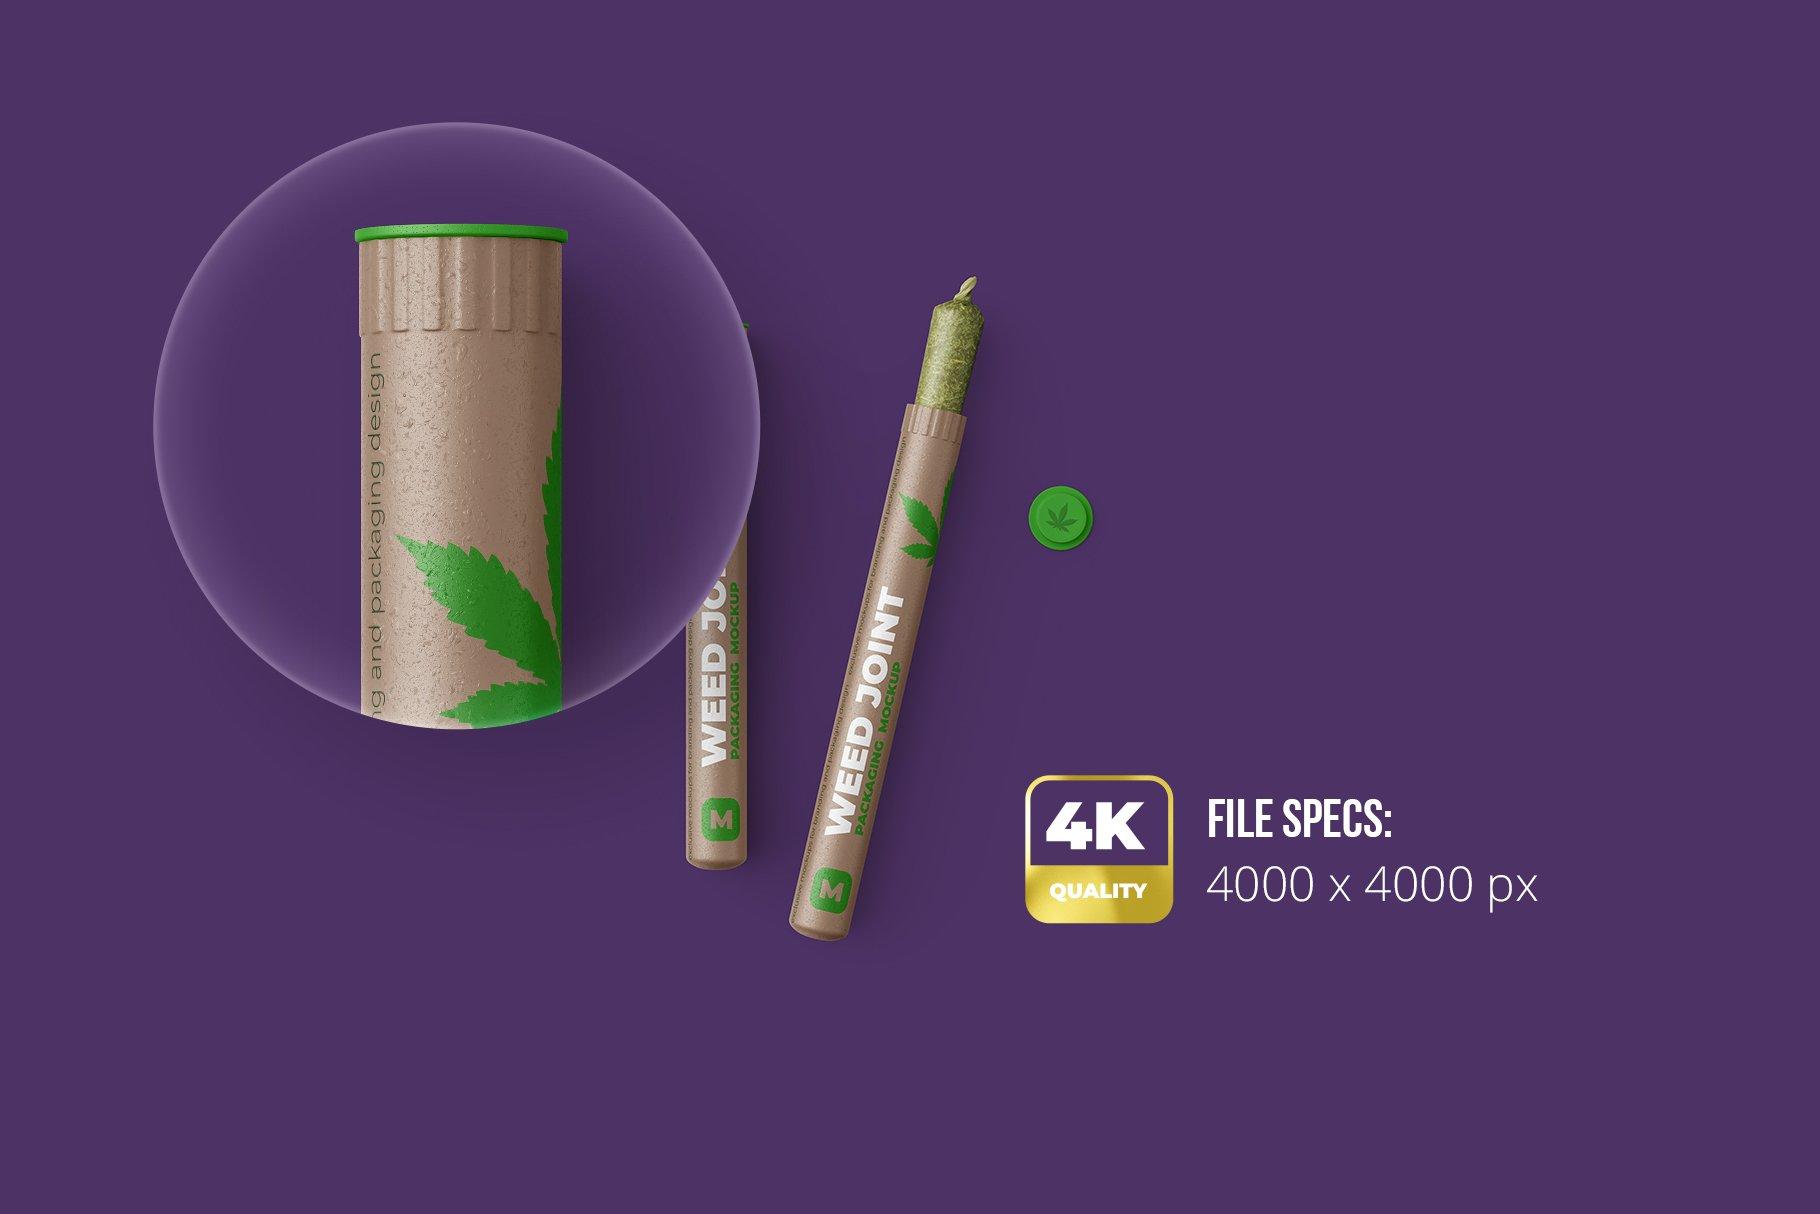 香烟雪茄联合预卷管样机 Weed Joint Pre-Roll Tubes Mockup插图1